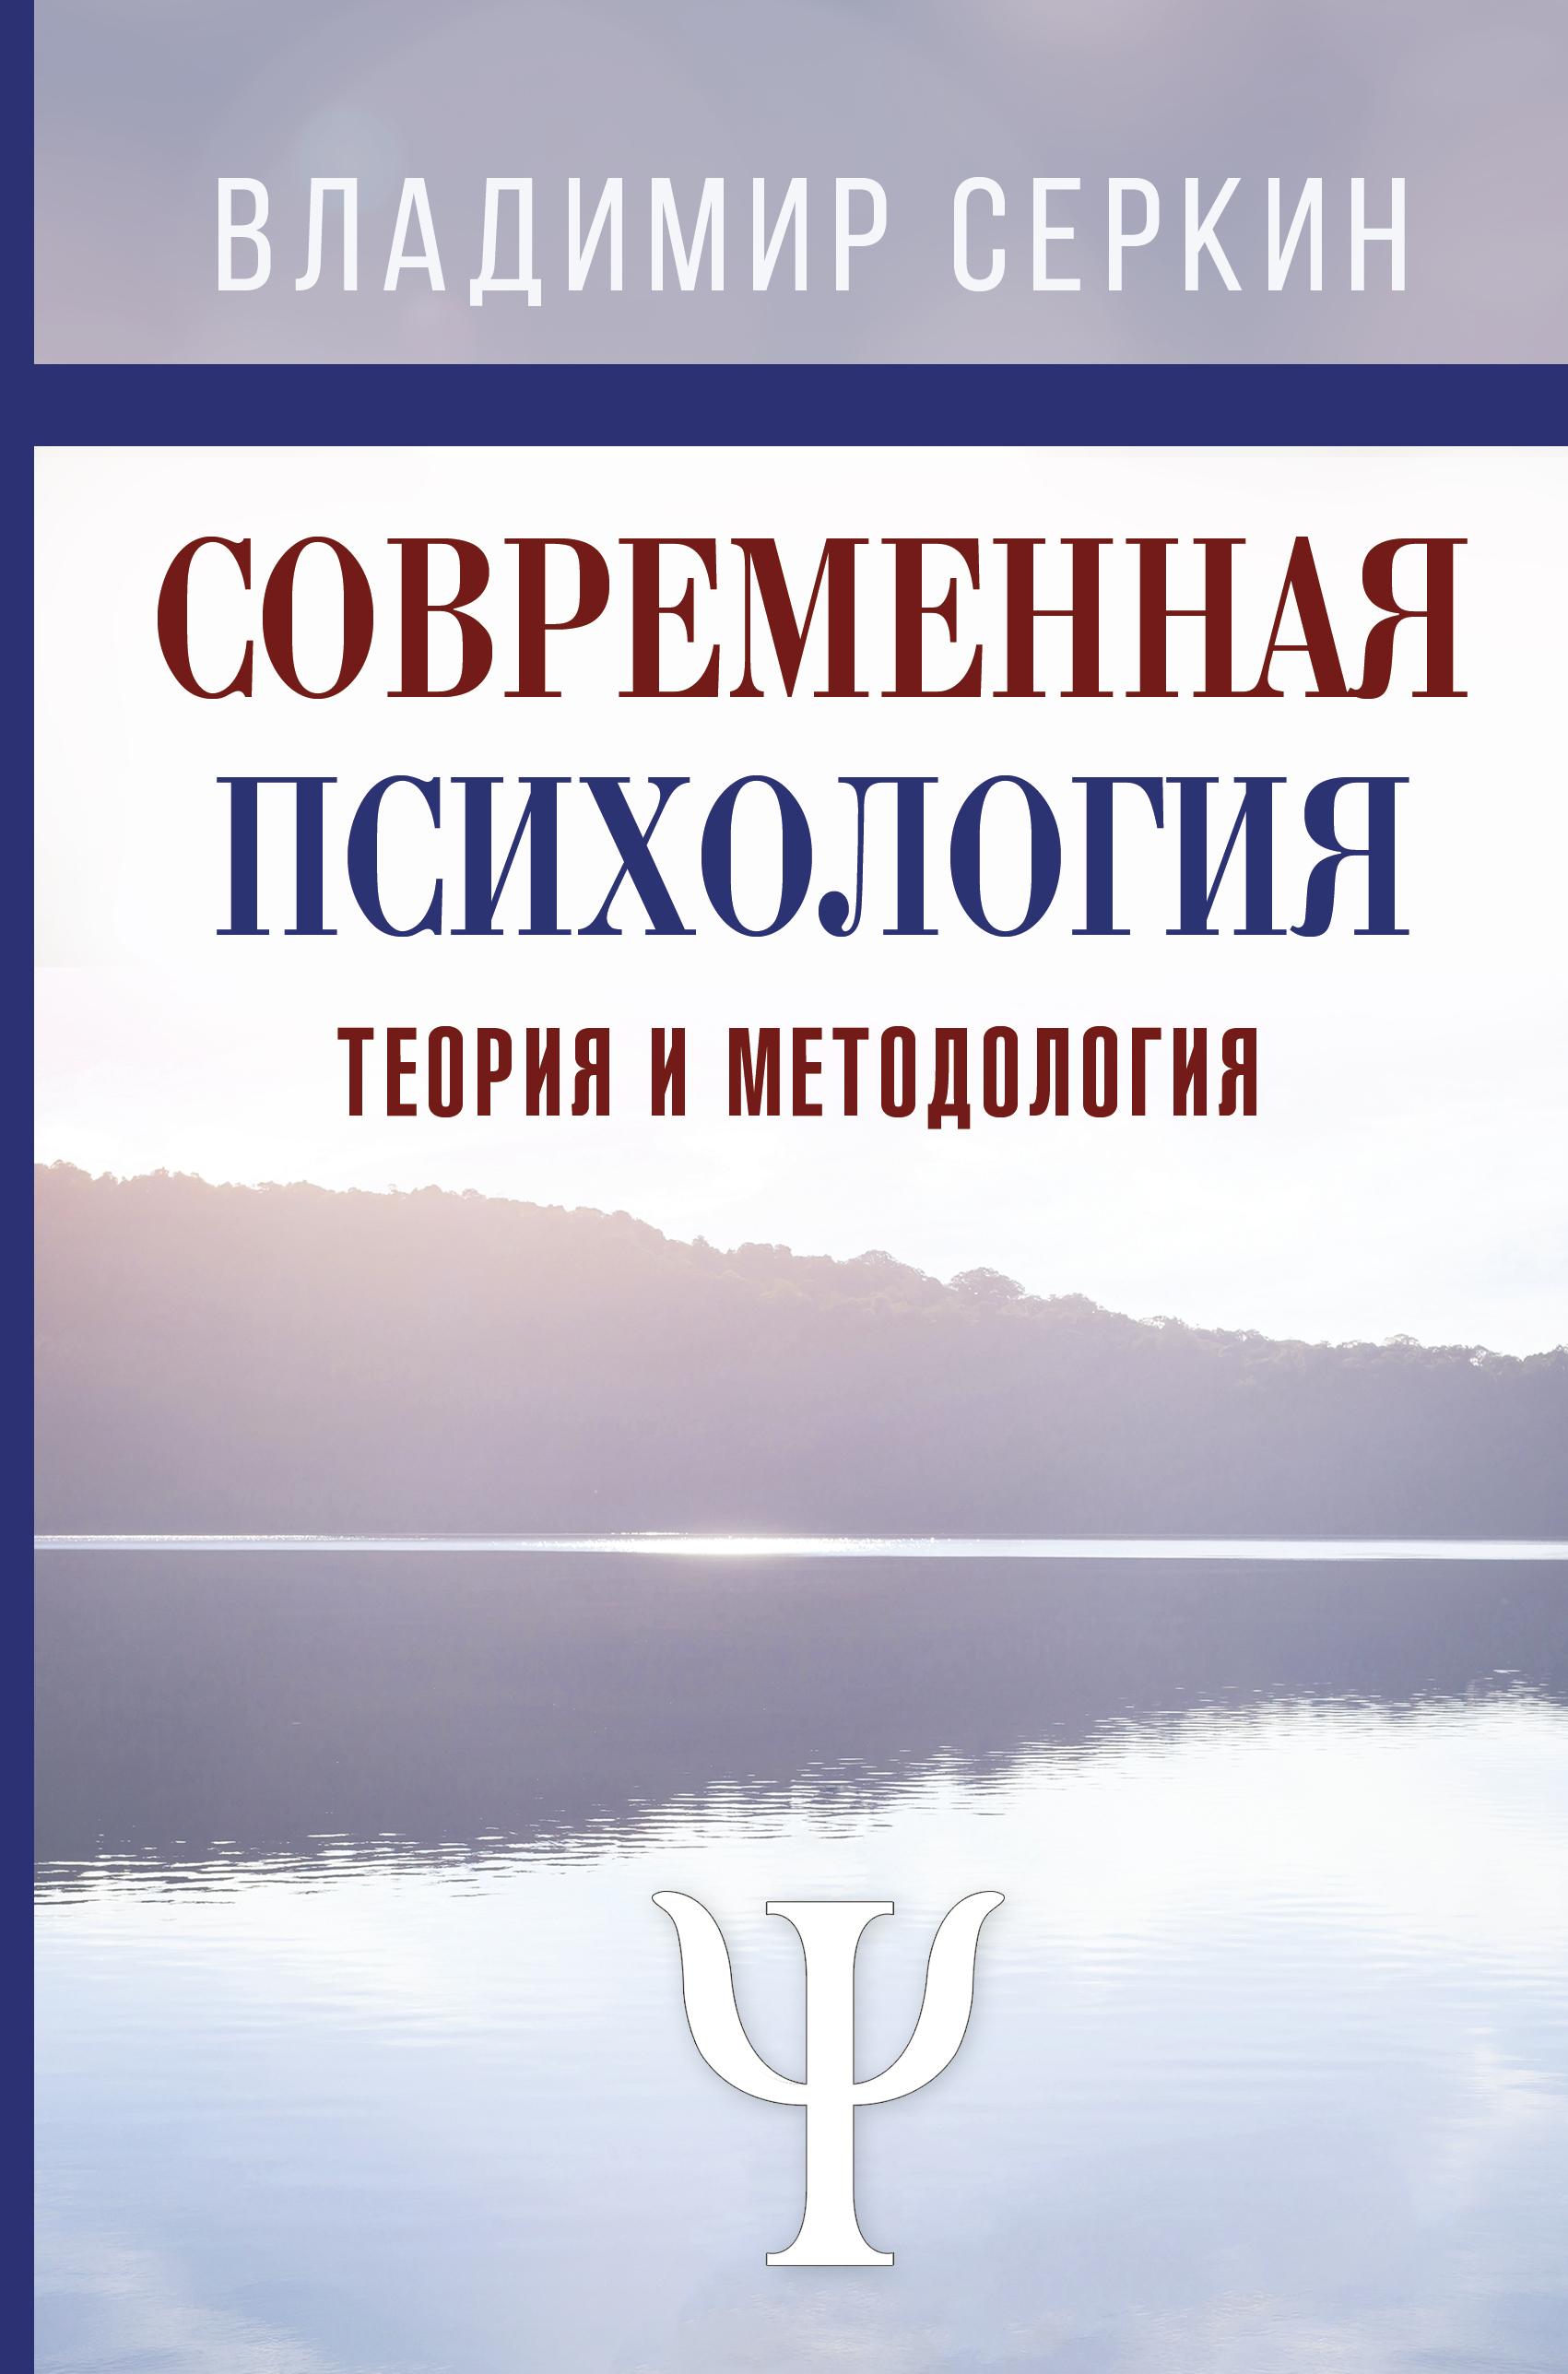 Серкин В.П. Современная психология. Теория и методология